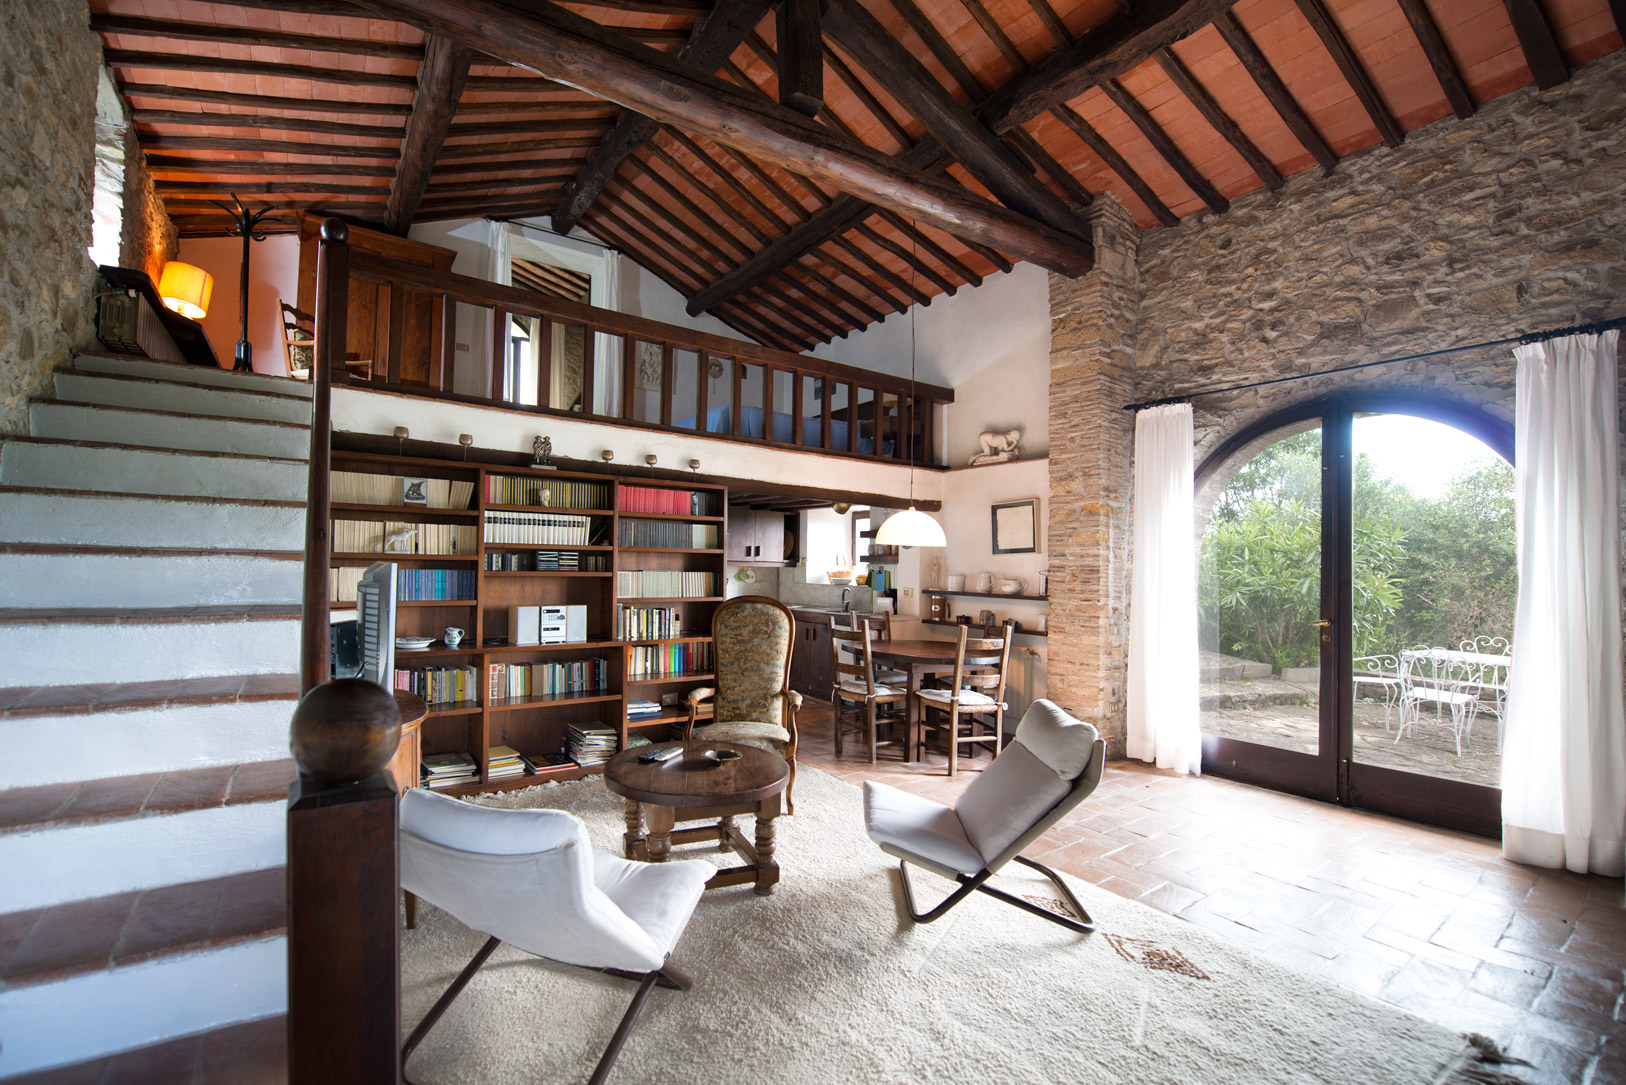 Vente maison de campagne avec piscine pres de firenze en for Acheter une maison en toscane